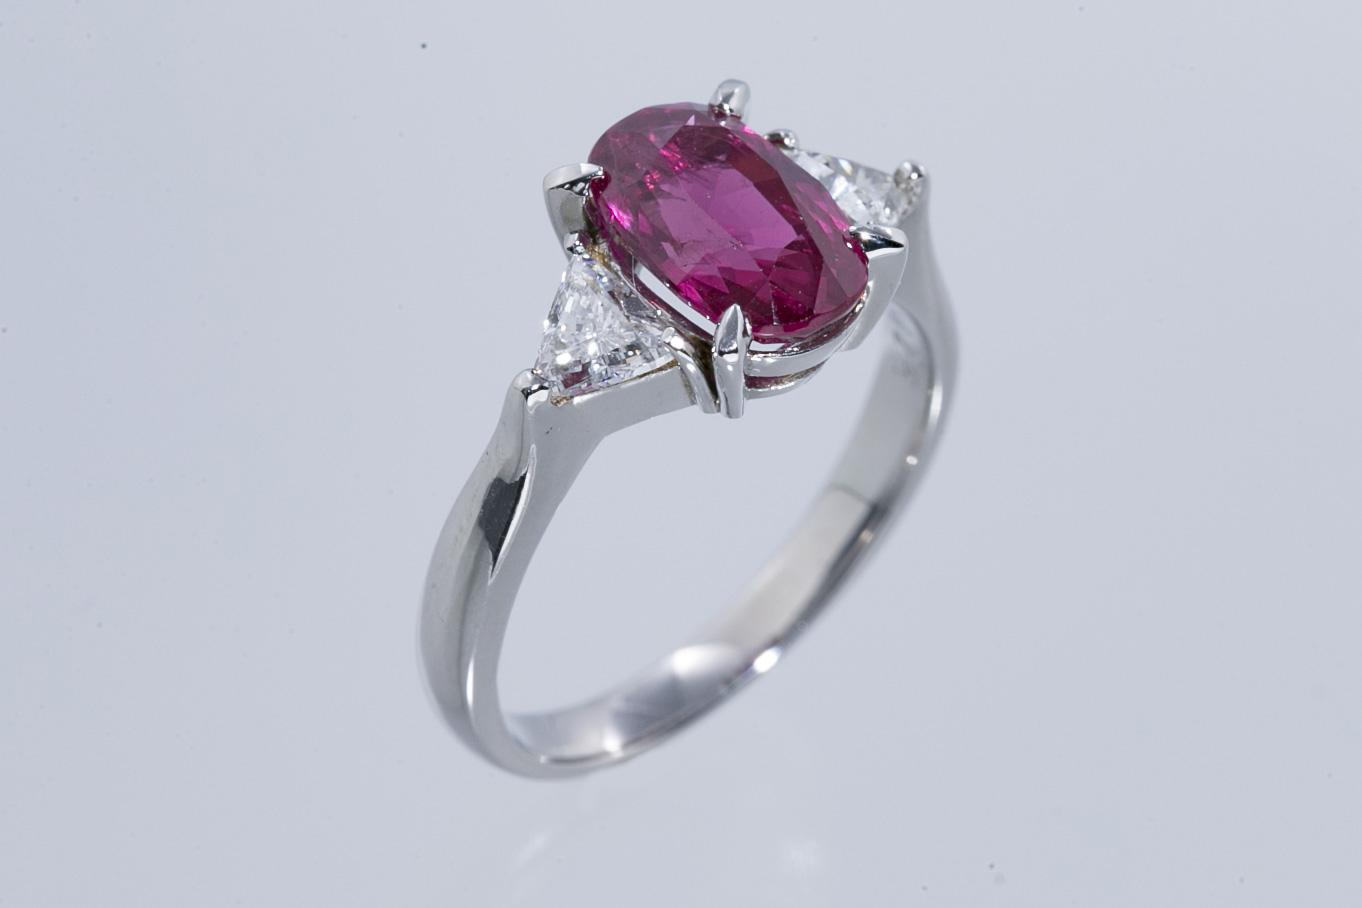 ルビー・ダイヤモンド リング 指輪 Pt900 ルビーR2.493ct ダイヤトータルD0.425ct 美品 11.5号サイズ調整5サイズまで無料 鑑別書付 送料無料 【トレジャースポット】 【中古】